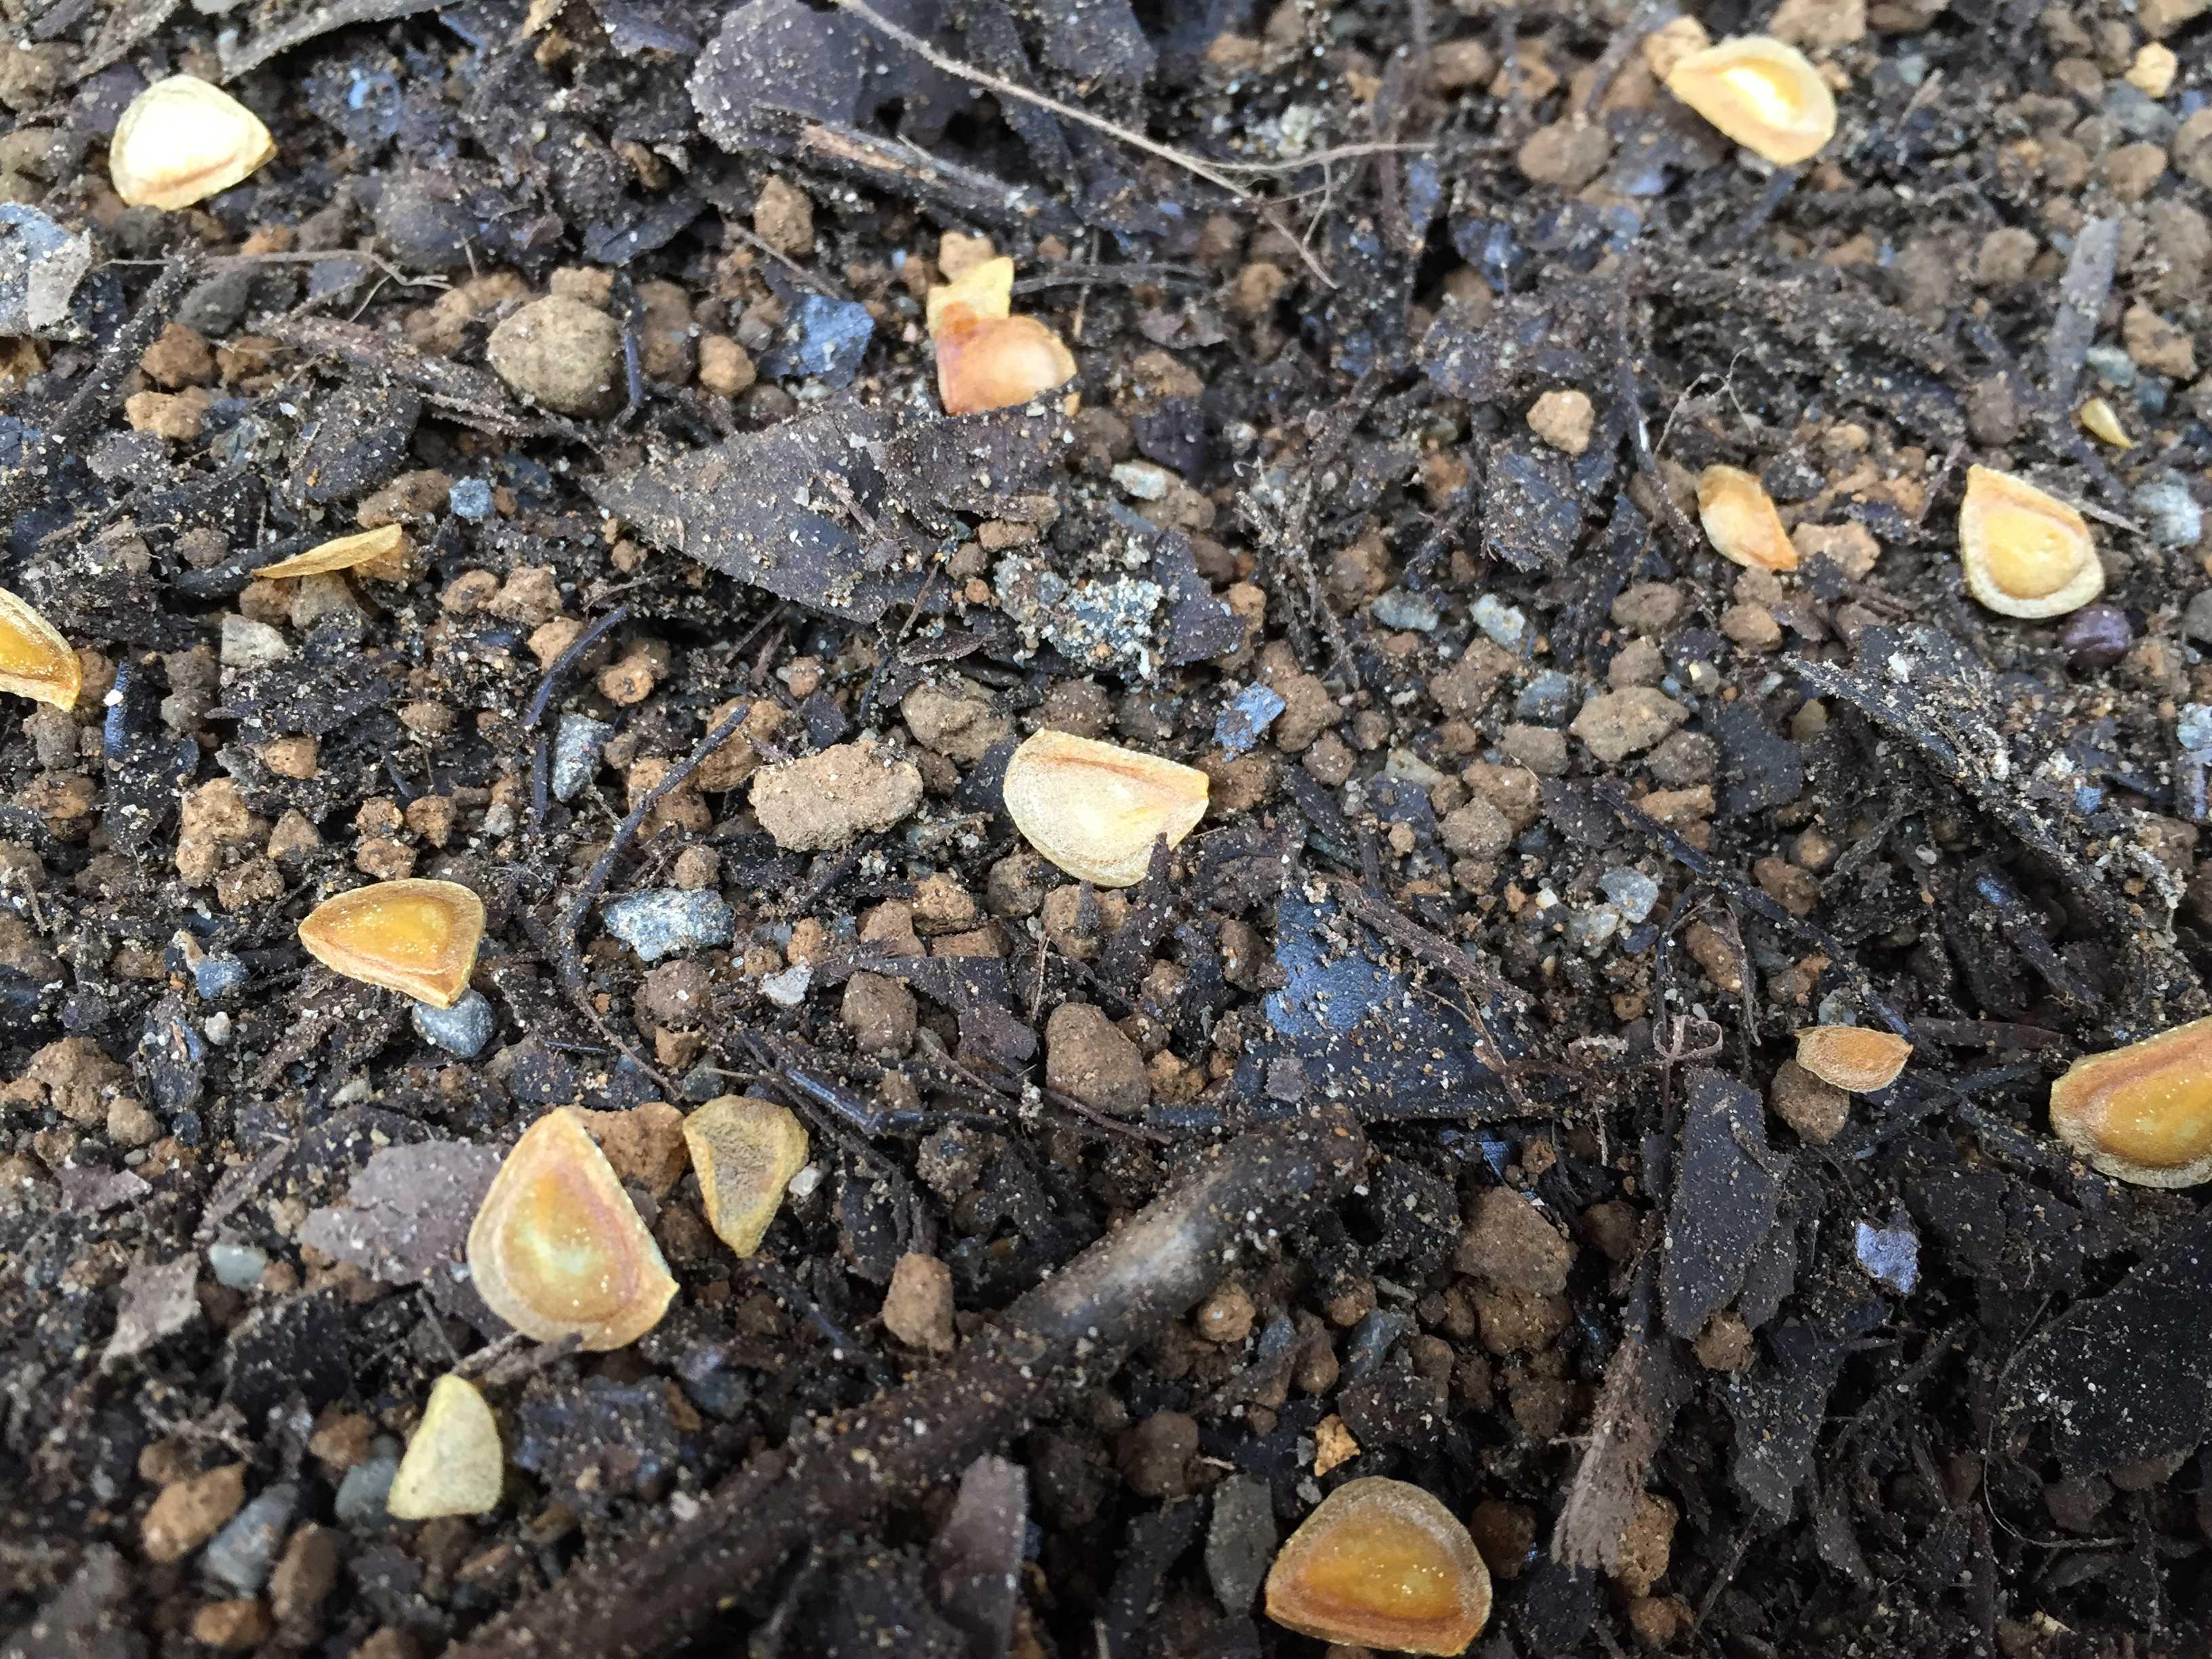 ヤマユリの種子繁殖/実生 - 播かれたヤマユリのたね